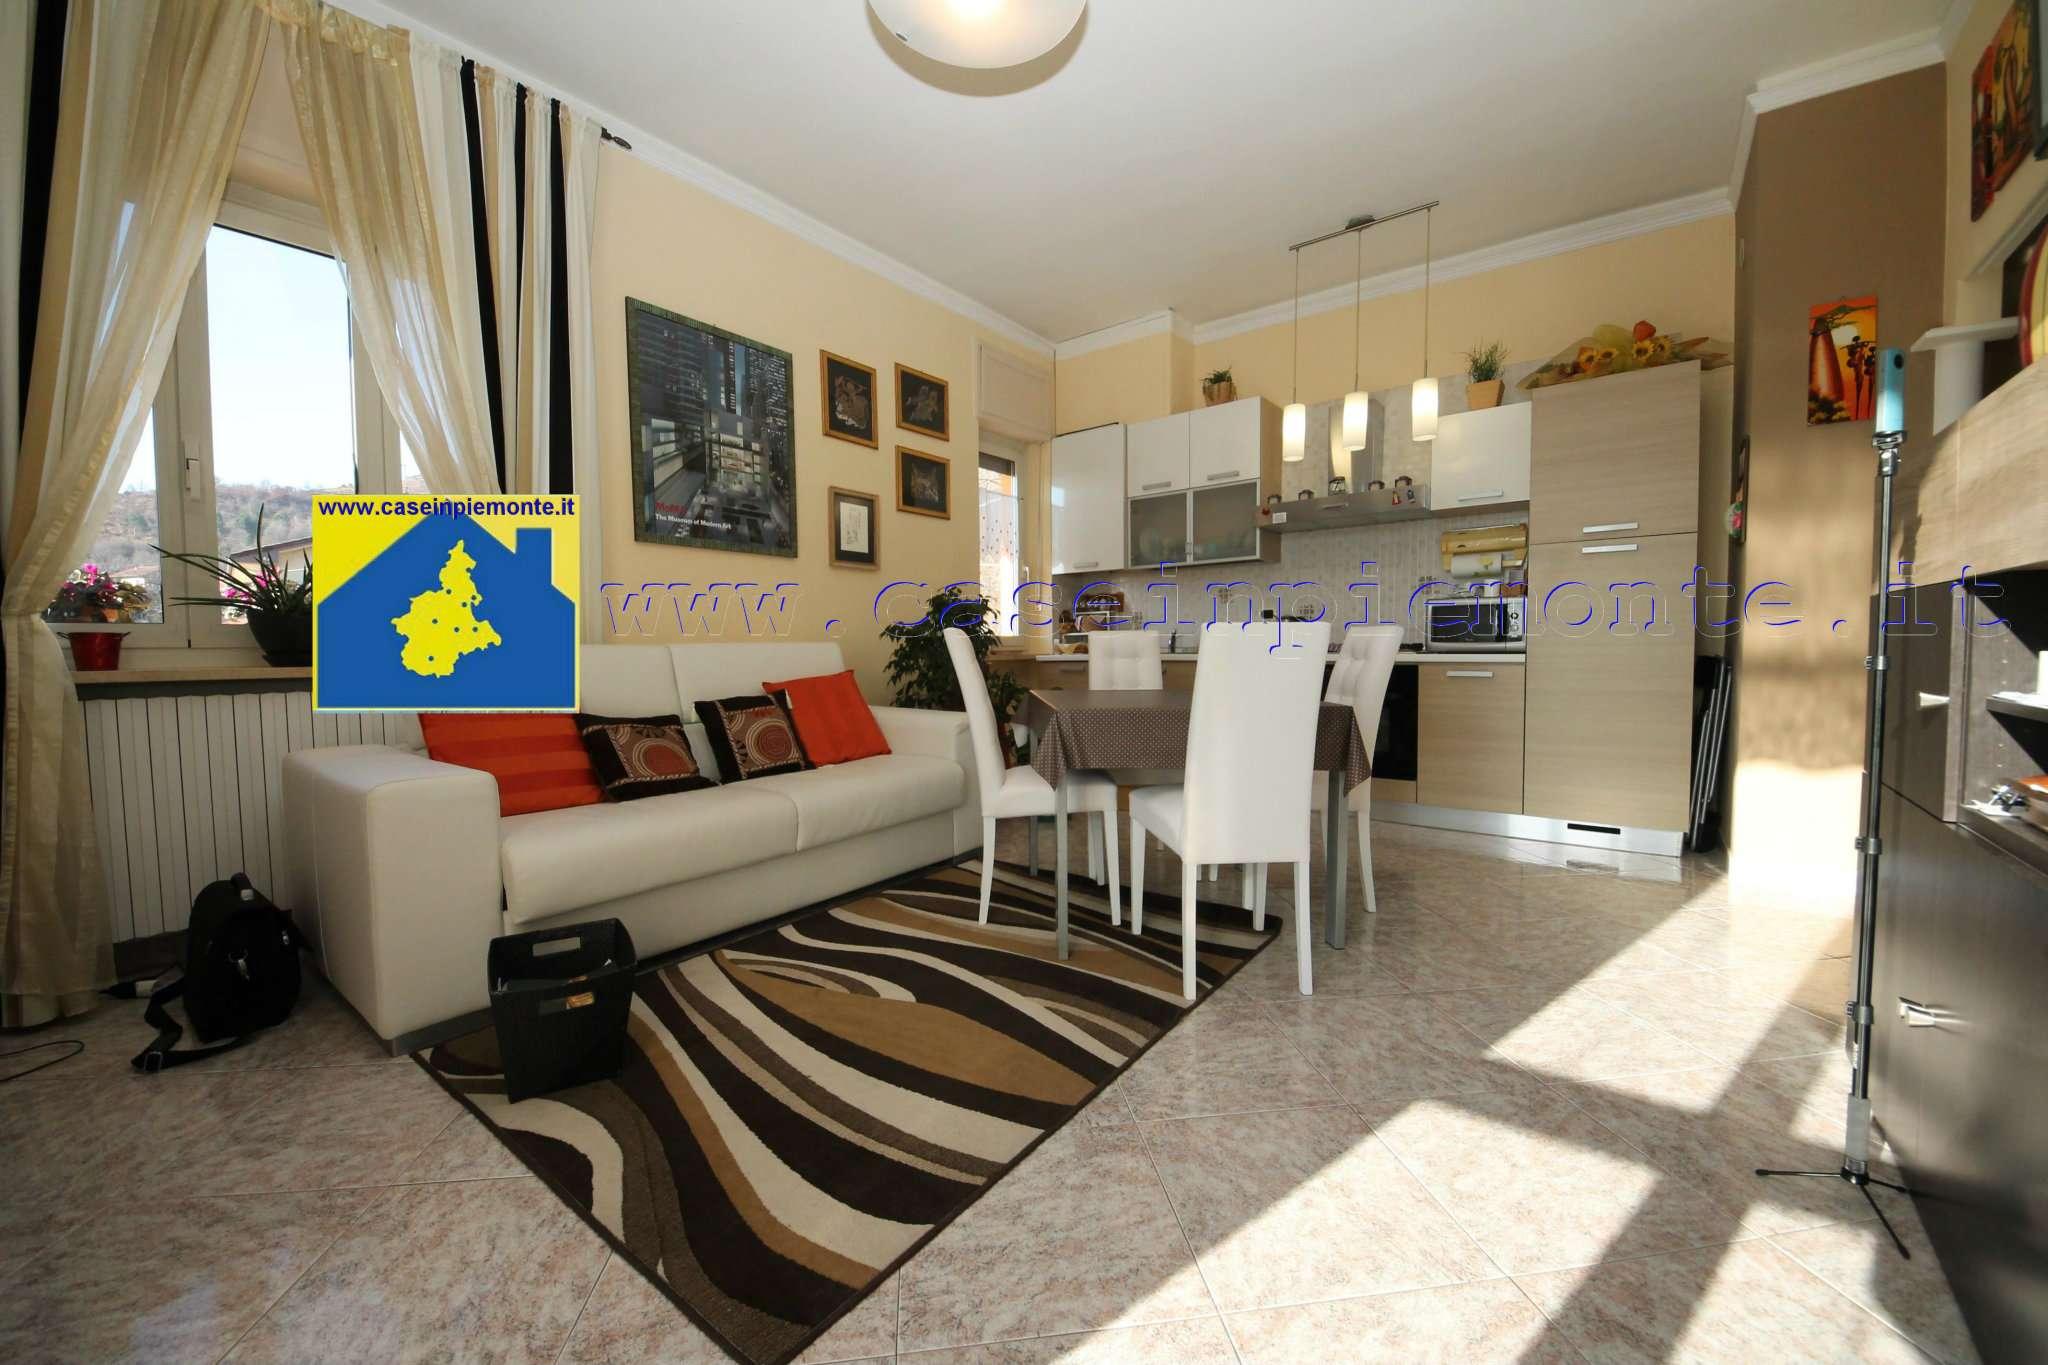 Appartamento in vendita a Givoletto, 3 locali, prezzo € 182.000 | CambioCasa.it